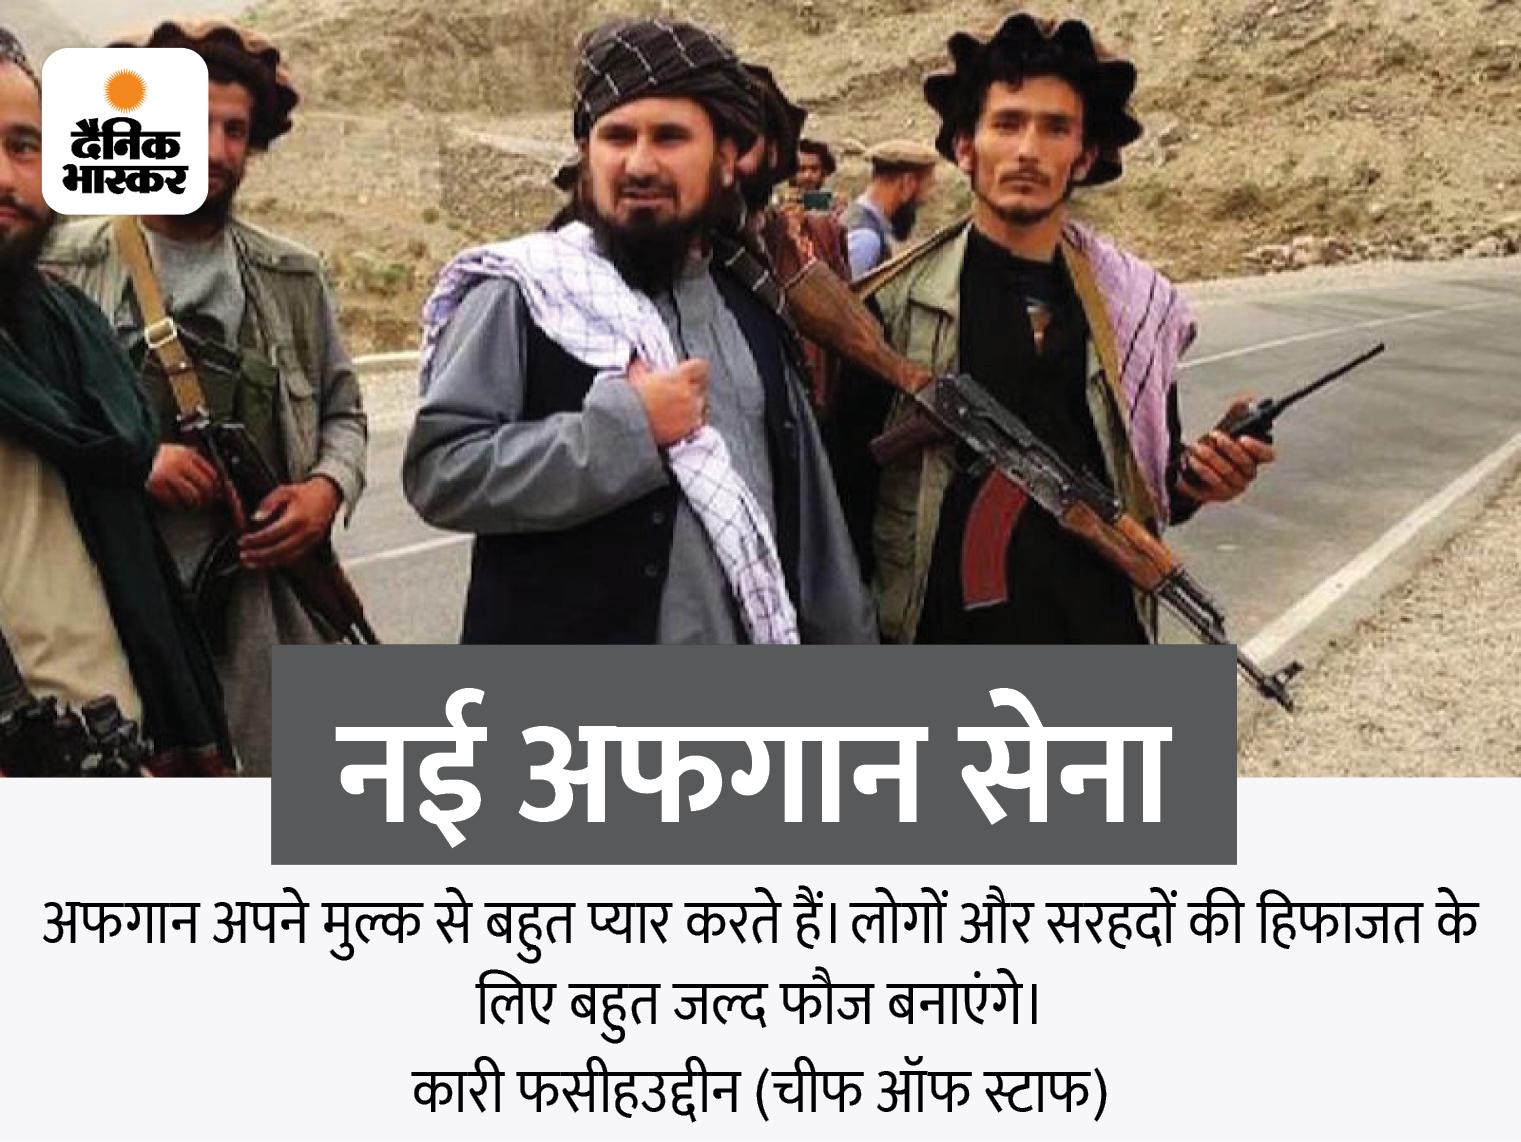 तालिबान ने कहा- बहुत जल्द रेग्युलर आर्मी तैयार करेंगे, पूर्व सैनिकों को भी इसमें शामिल किया जाएगा अफगान-तालिबान,Afghan-Taliban - Dainik Bhaskar